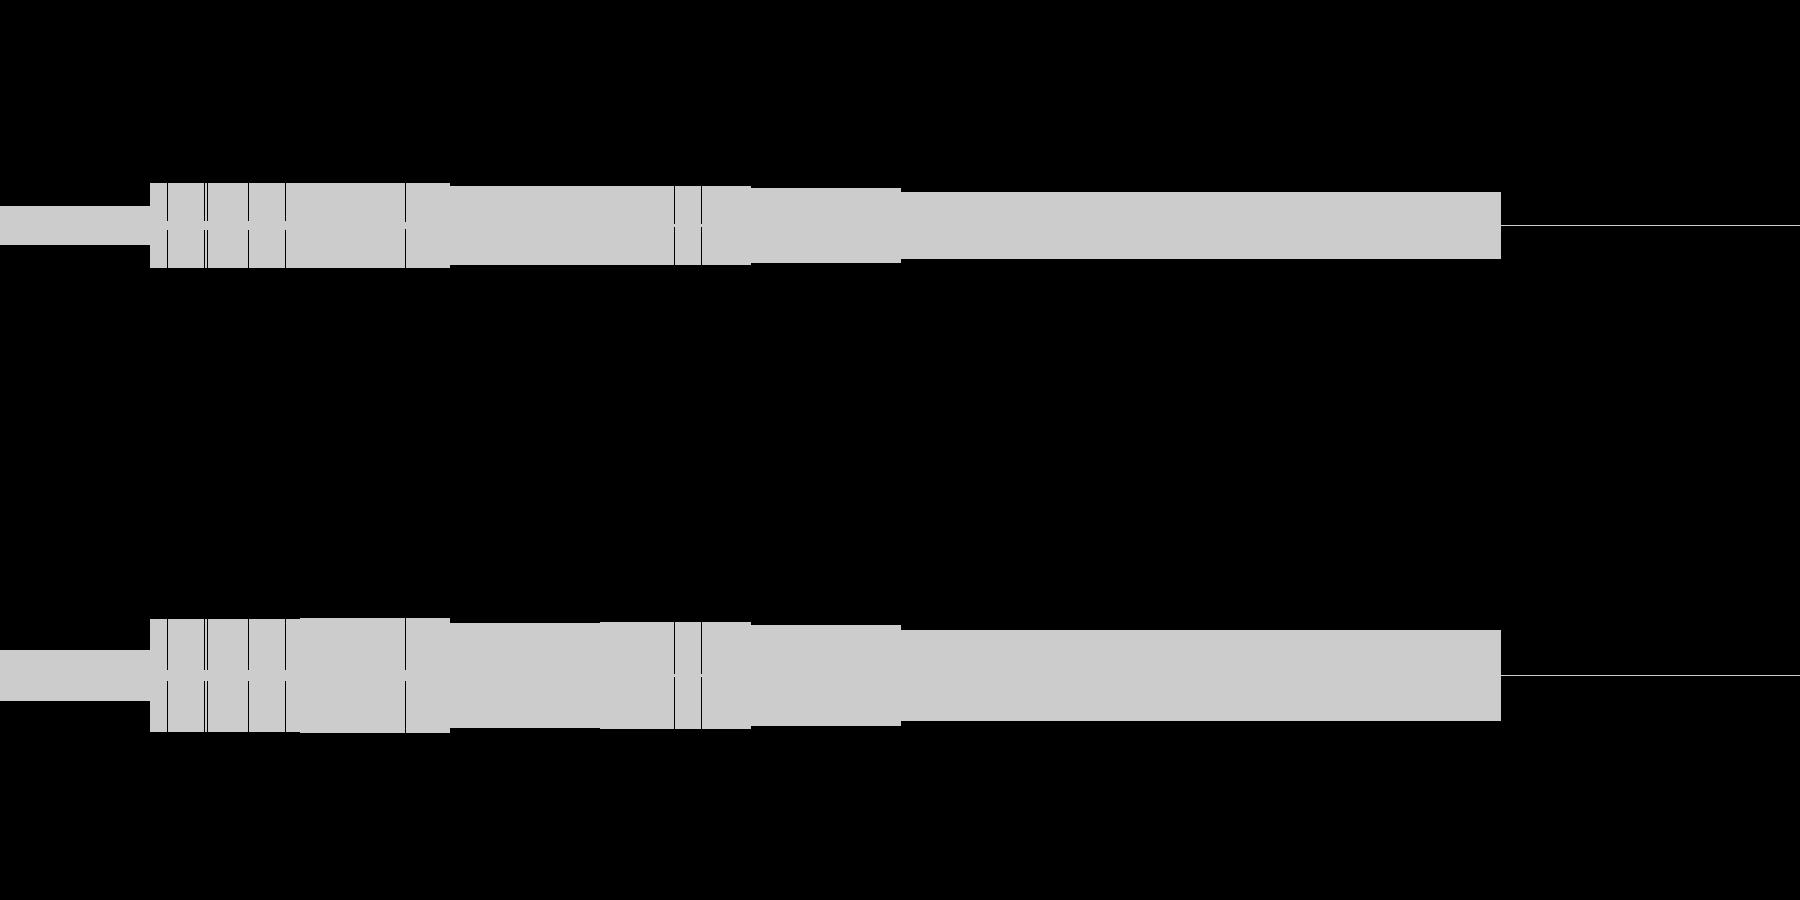 ファミコン風起動音02の未再生の波形